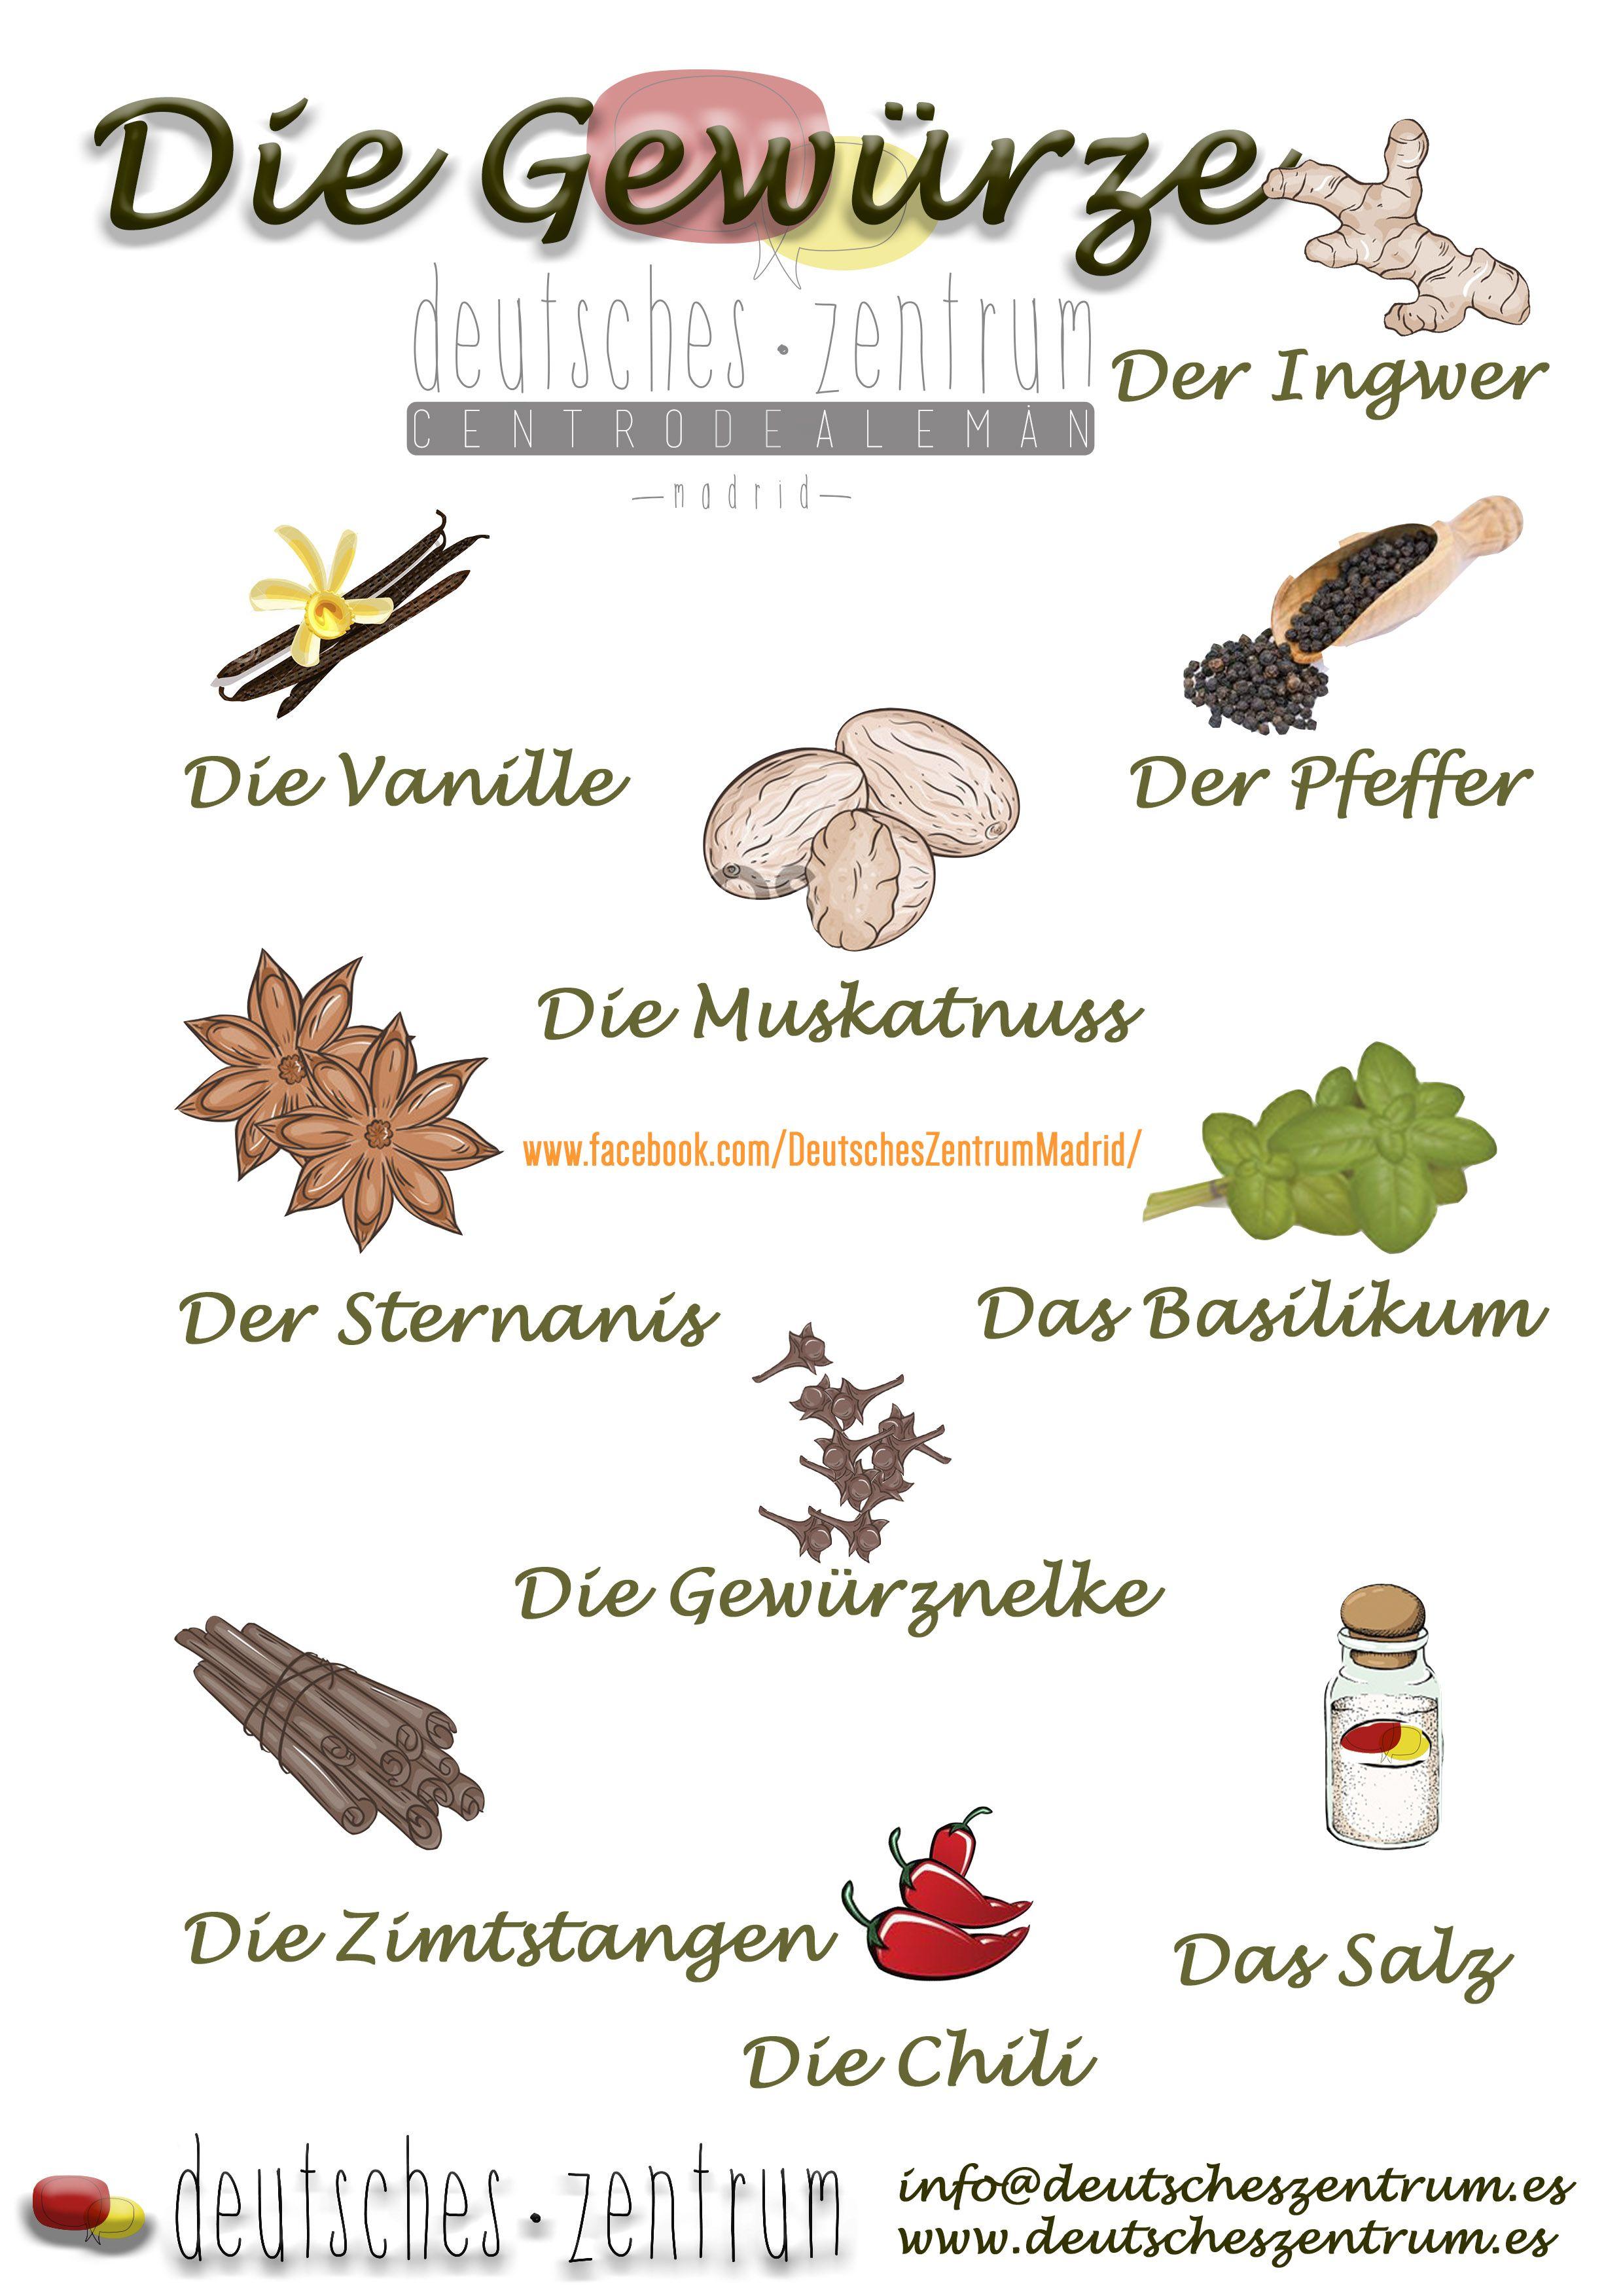 Gewürze DAF Deutsch Wortschatz Grammatik German Alemán | Német ...